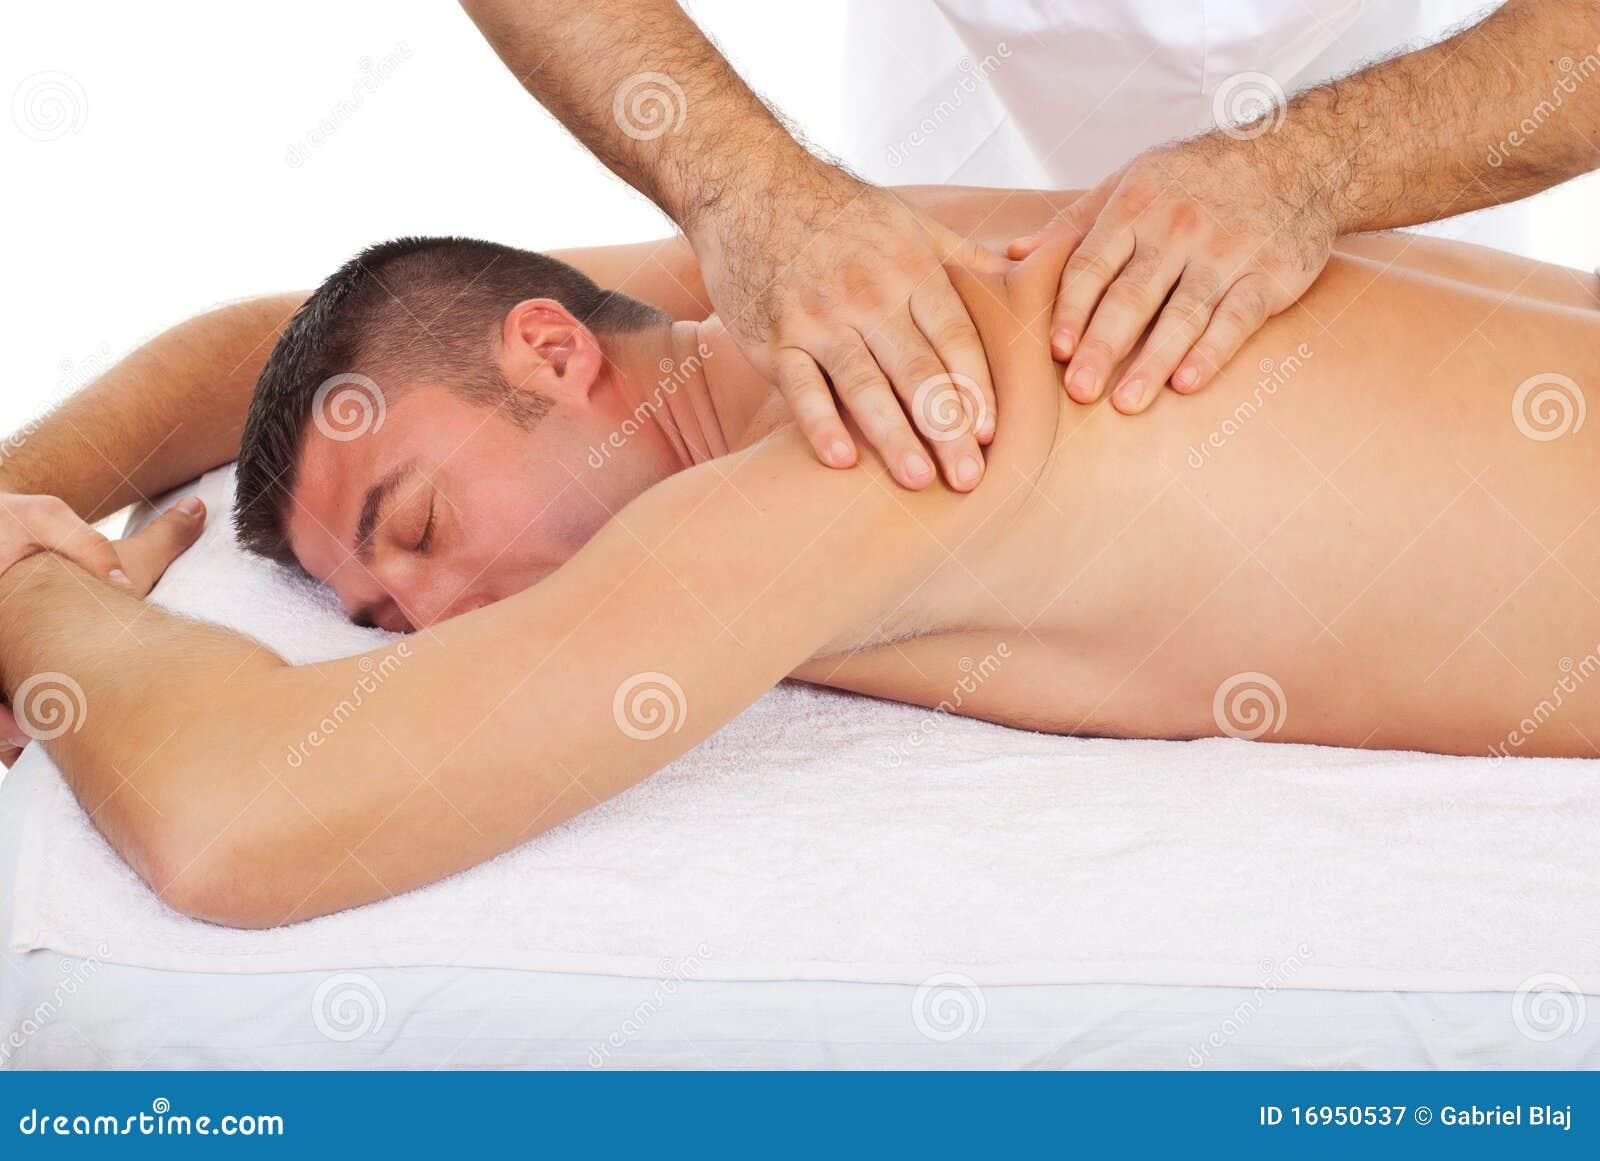 Секс русский с зрелой после массажа, массаж зрелых: смотреть русское порно видео онлайн 26 фотография